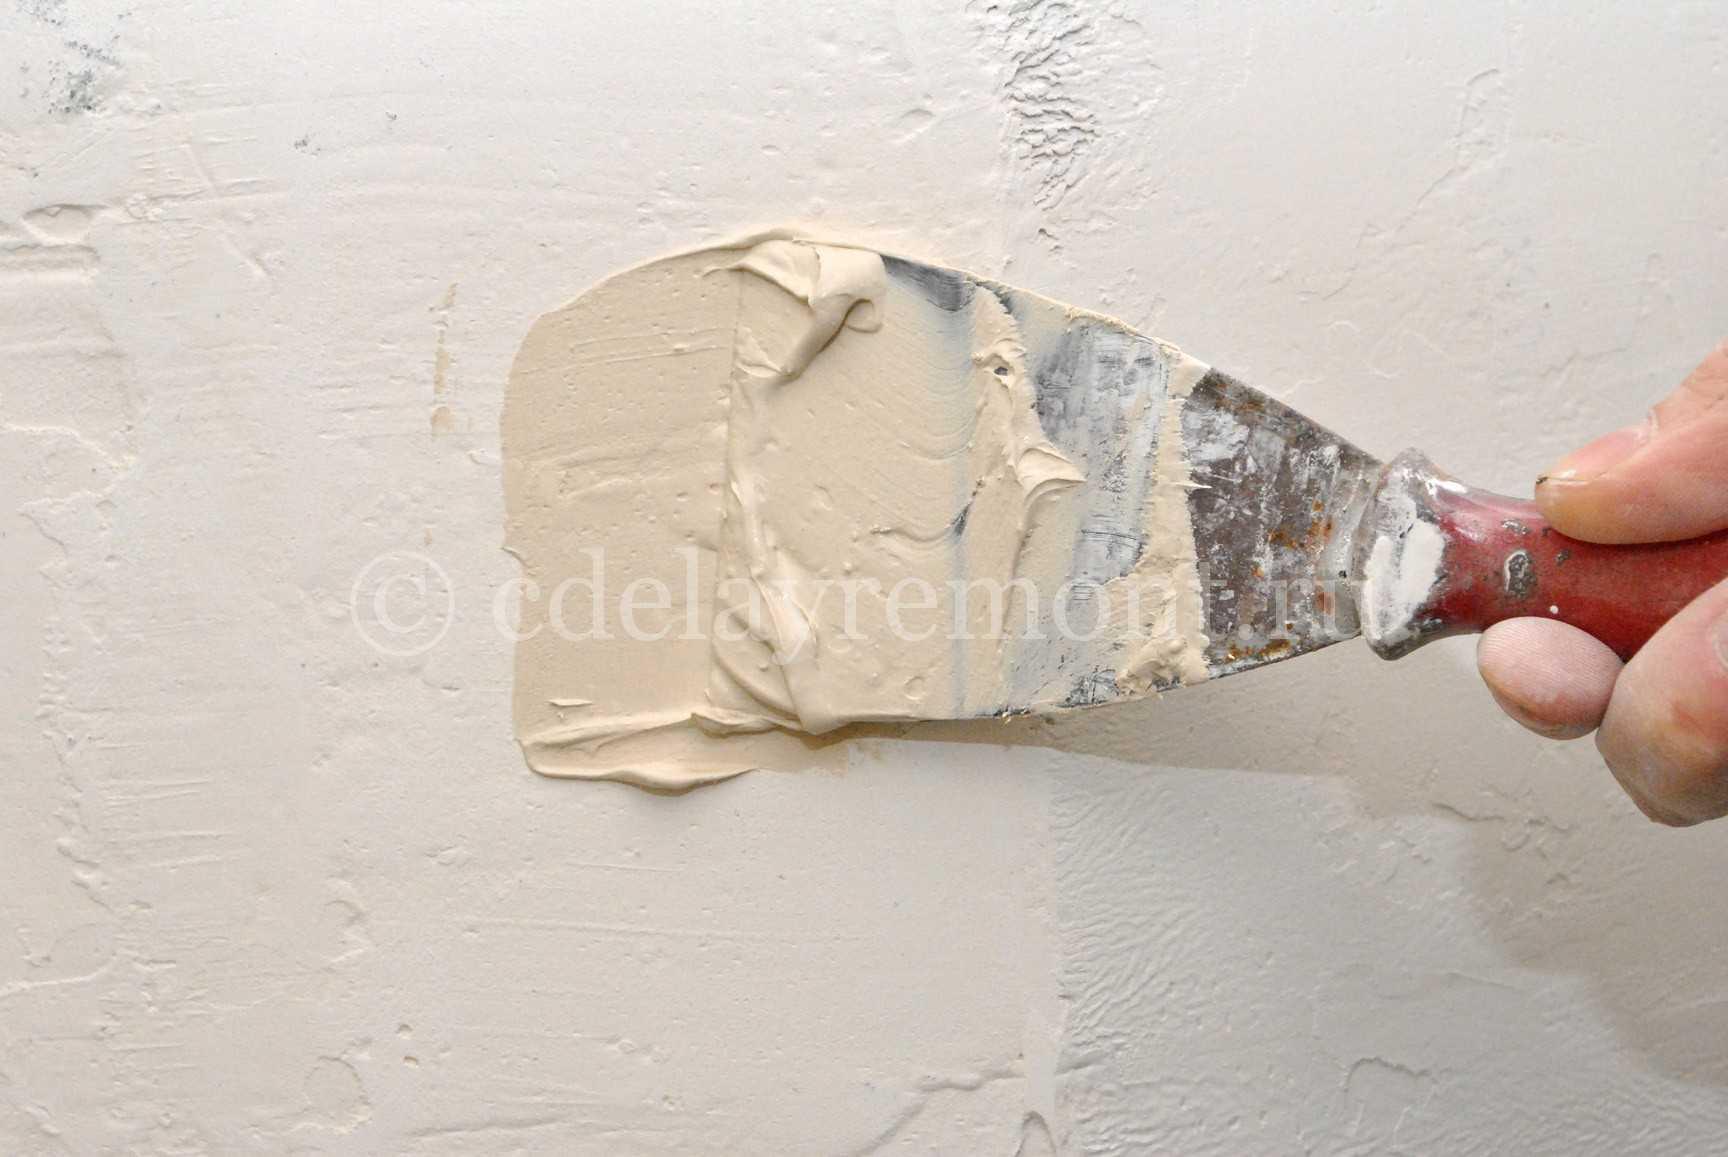 Как зашпаклевать дыры в стене своими руками 7